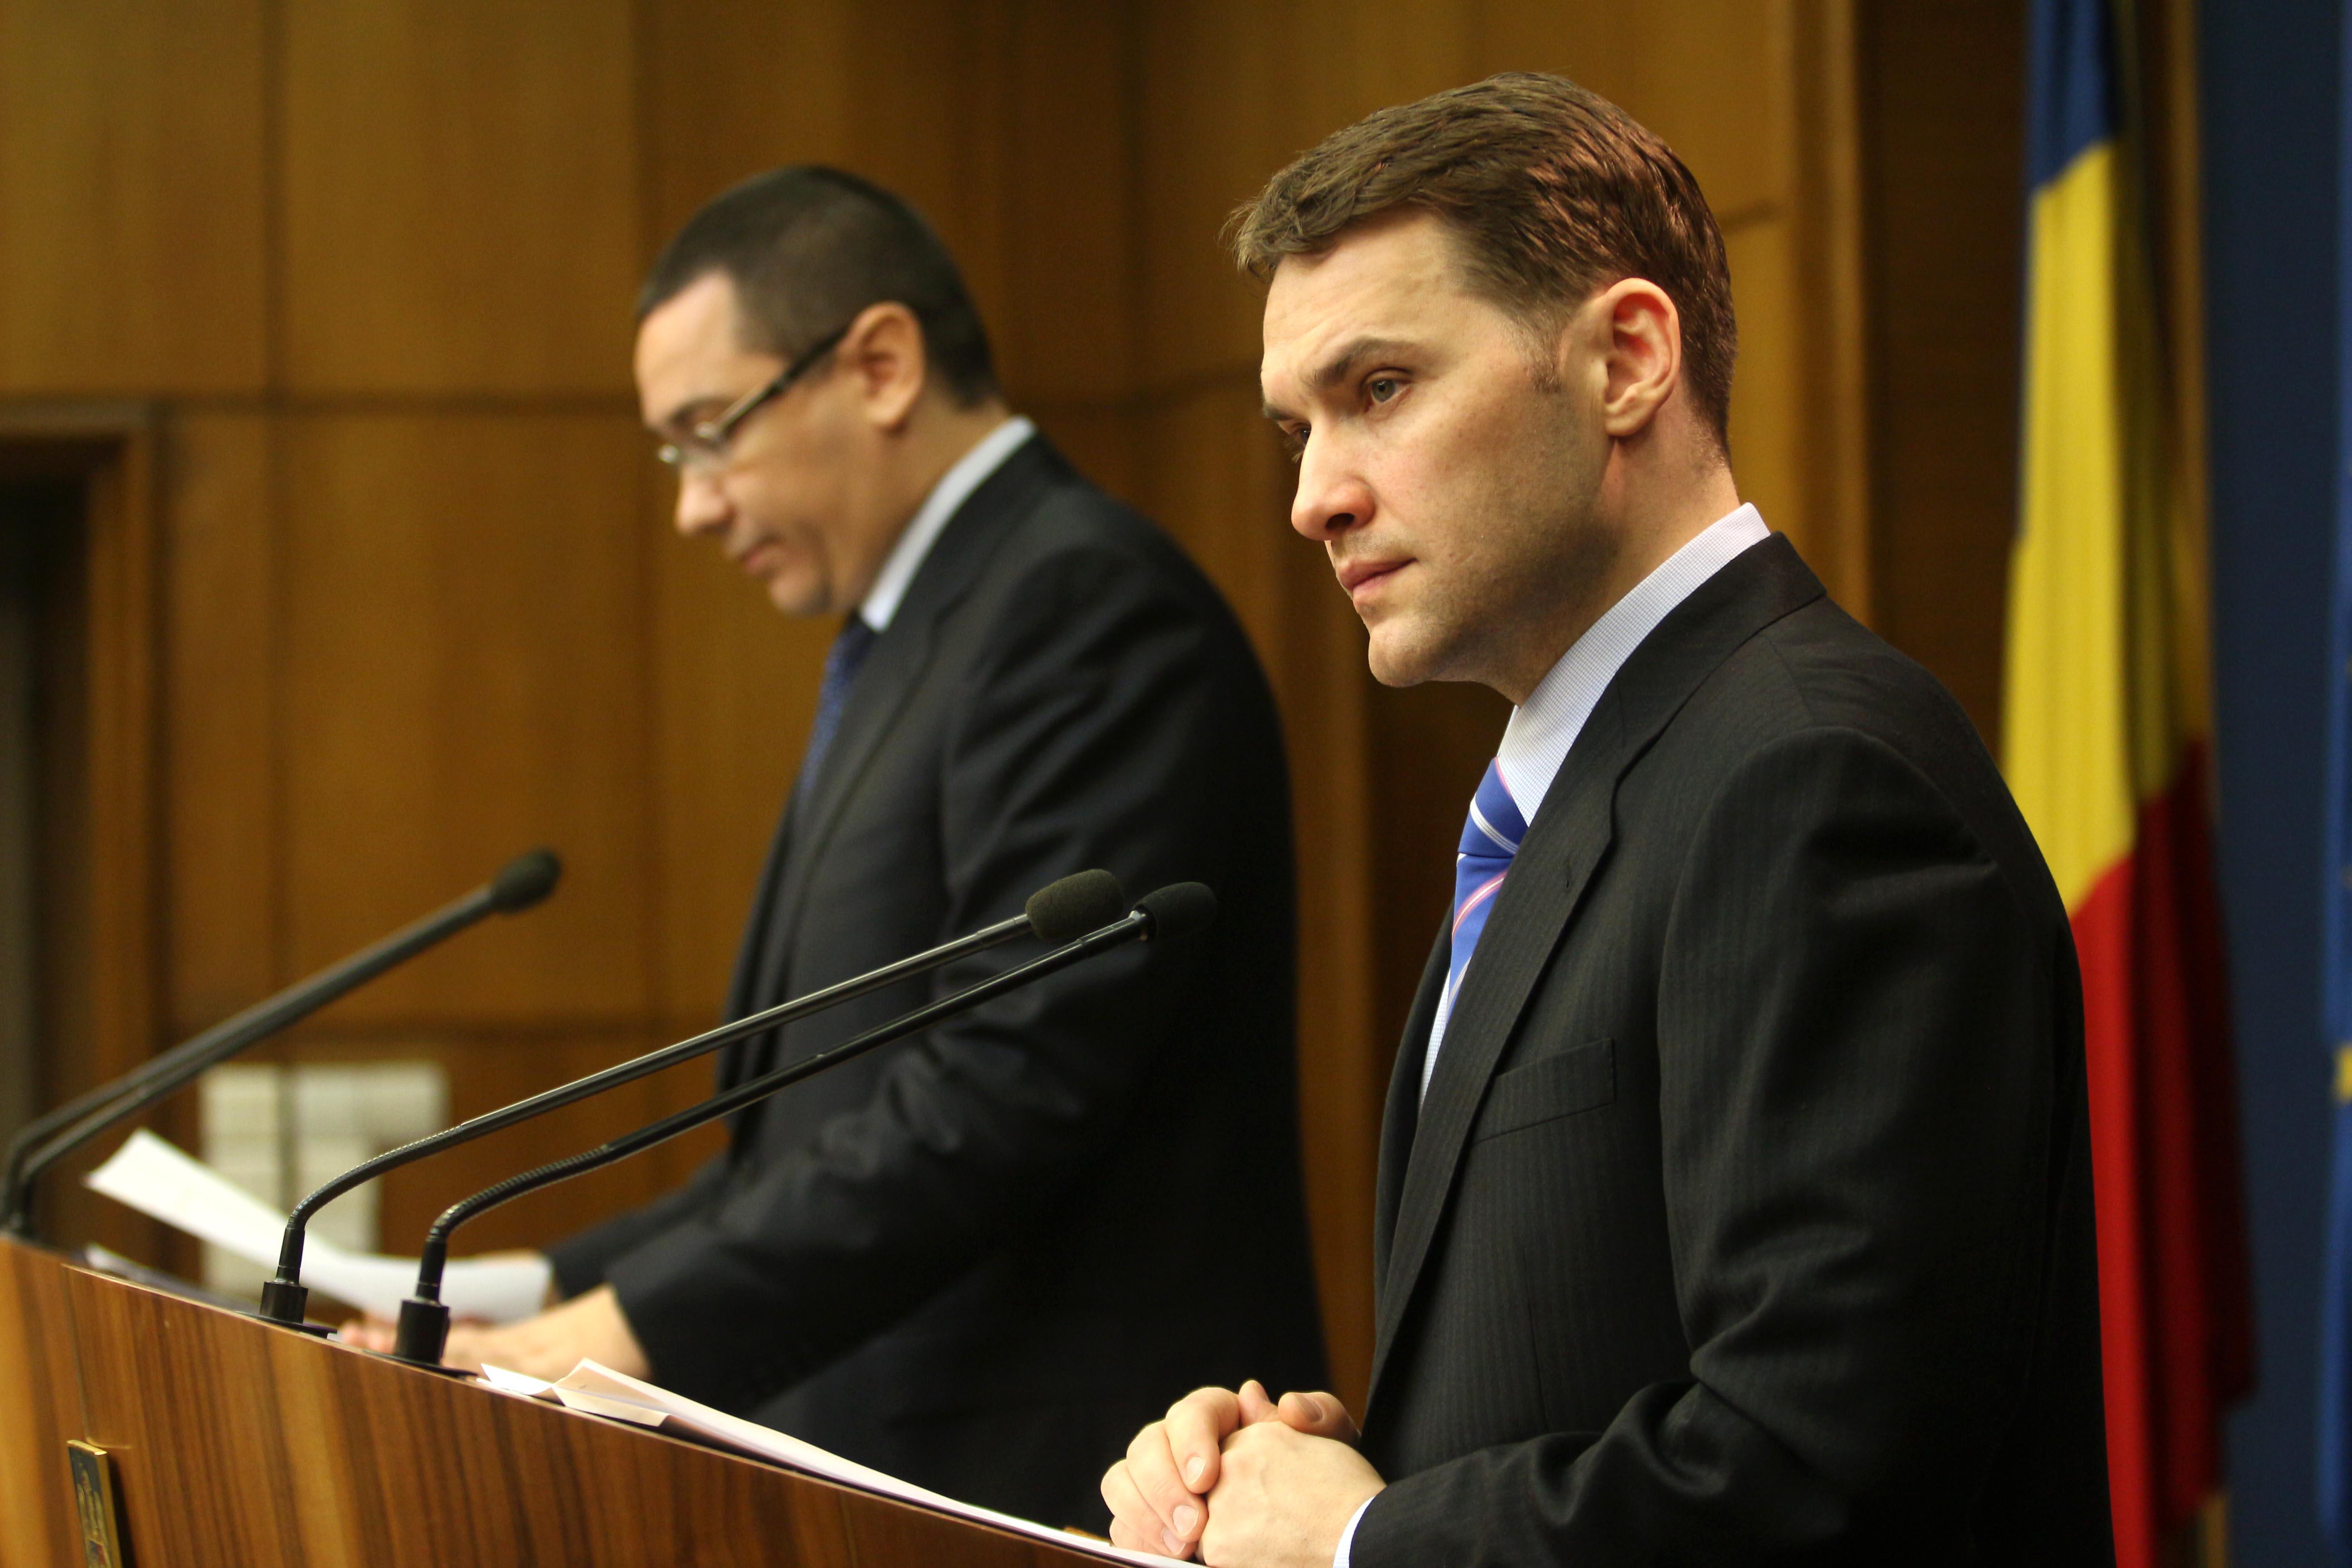 Curtea Constitutionala analizeaza miercuri sesizarea PNL in cazul Dan Sova. Liberalii cer reluarea votului